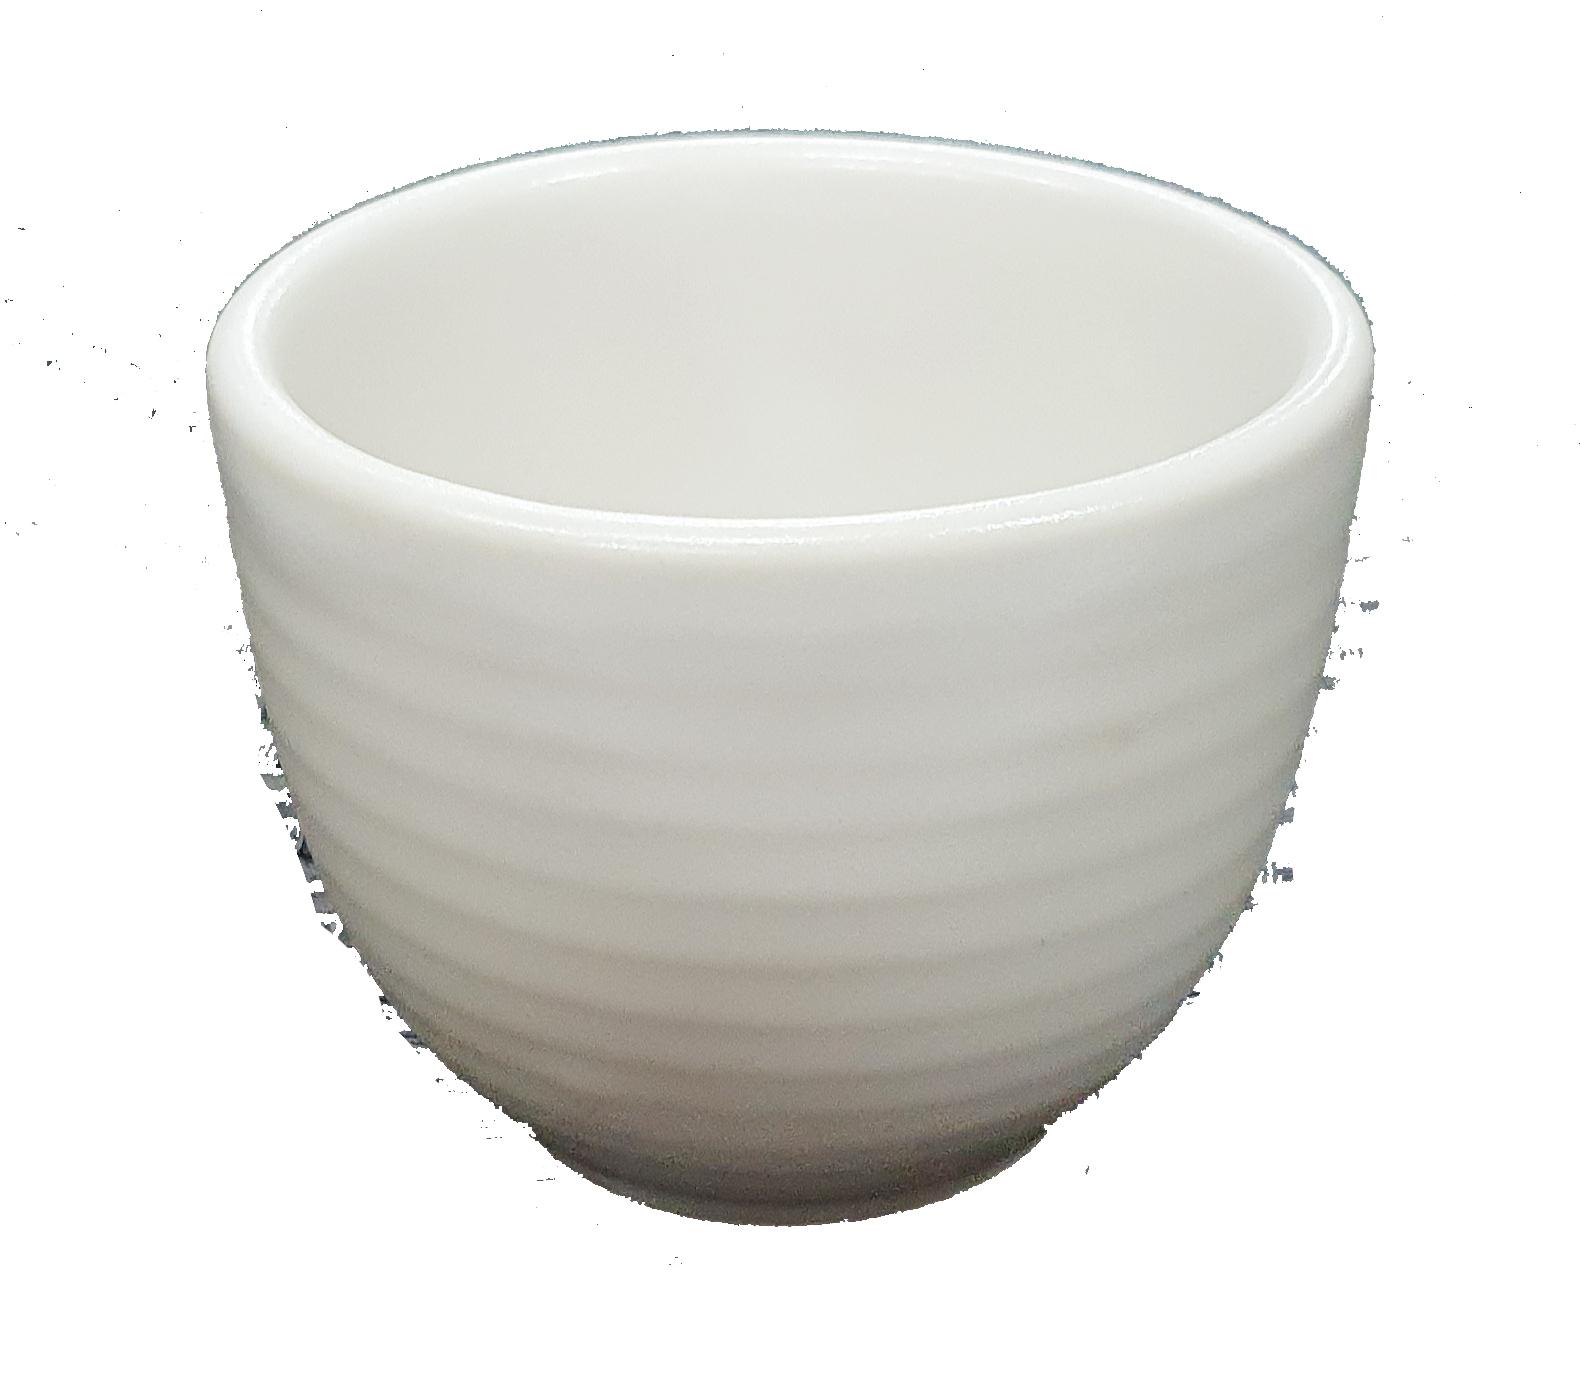 Taster cup 2½oz 7cl